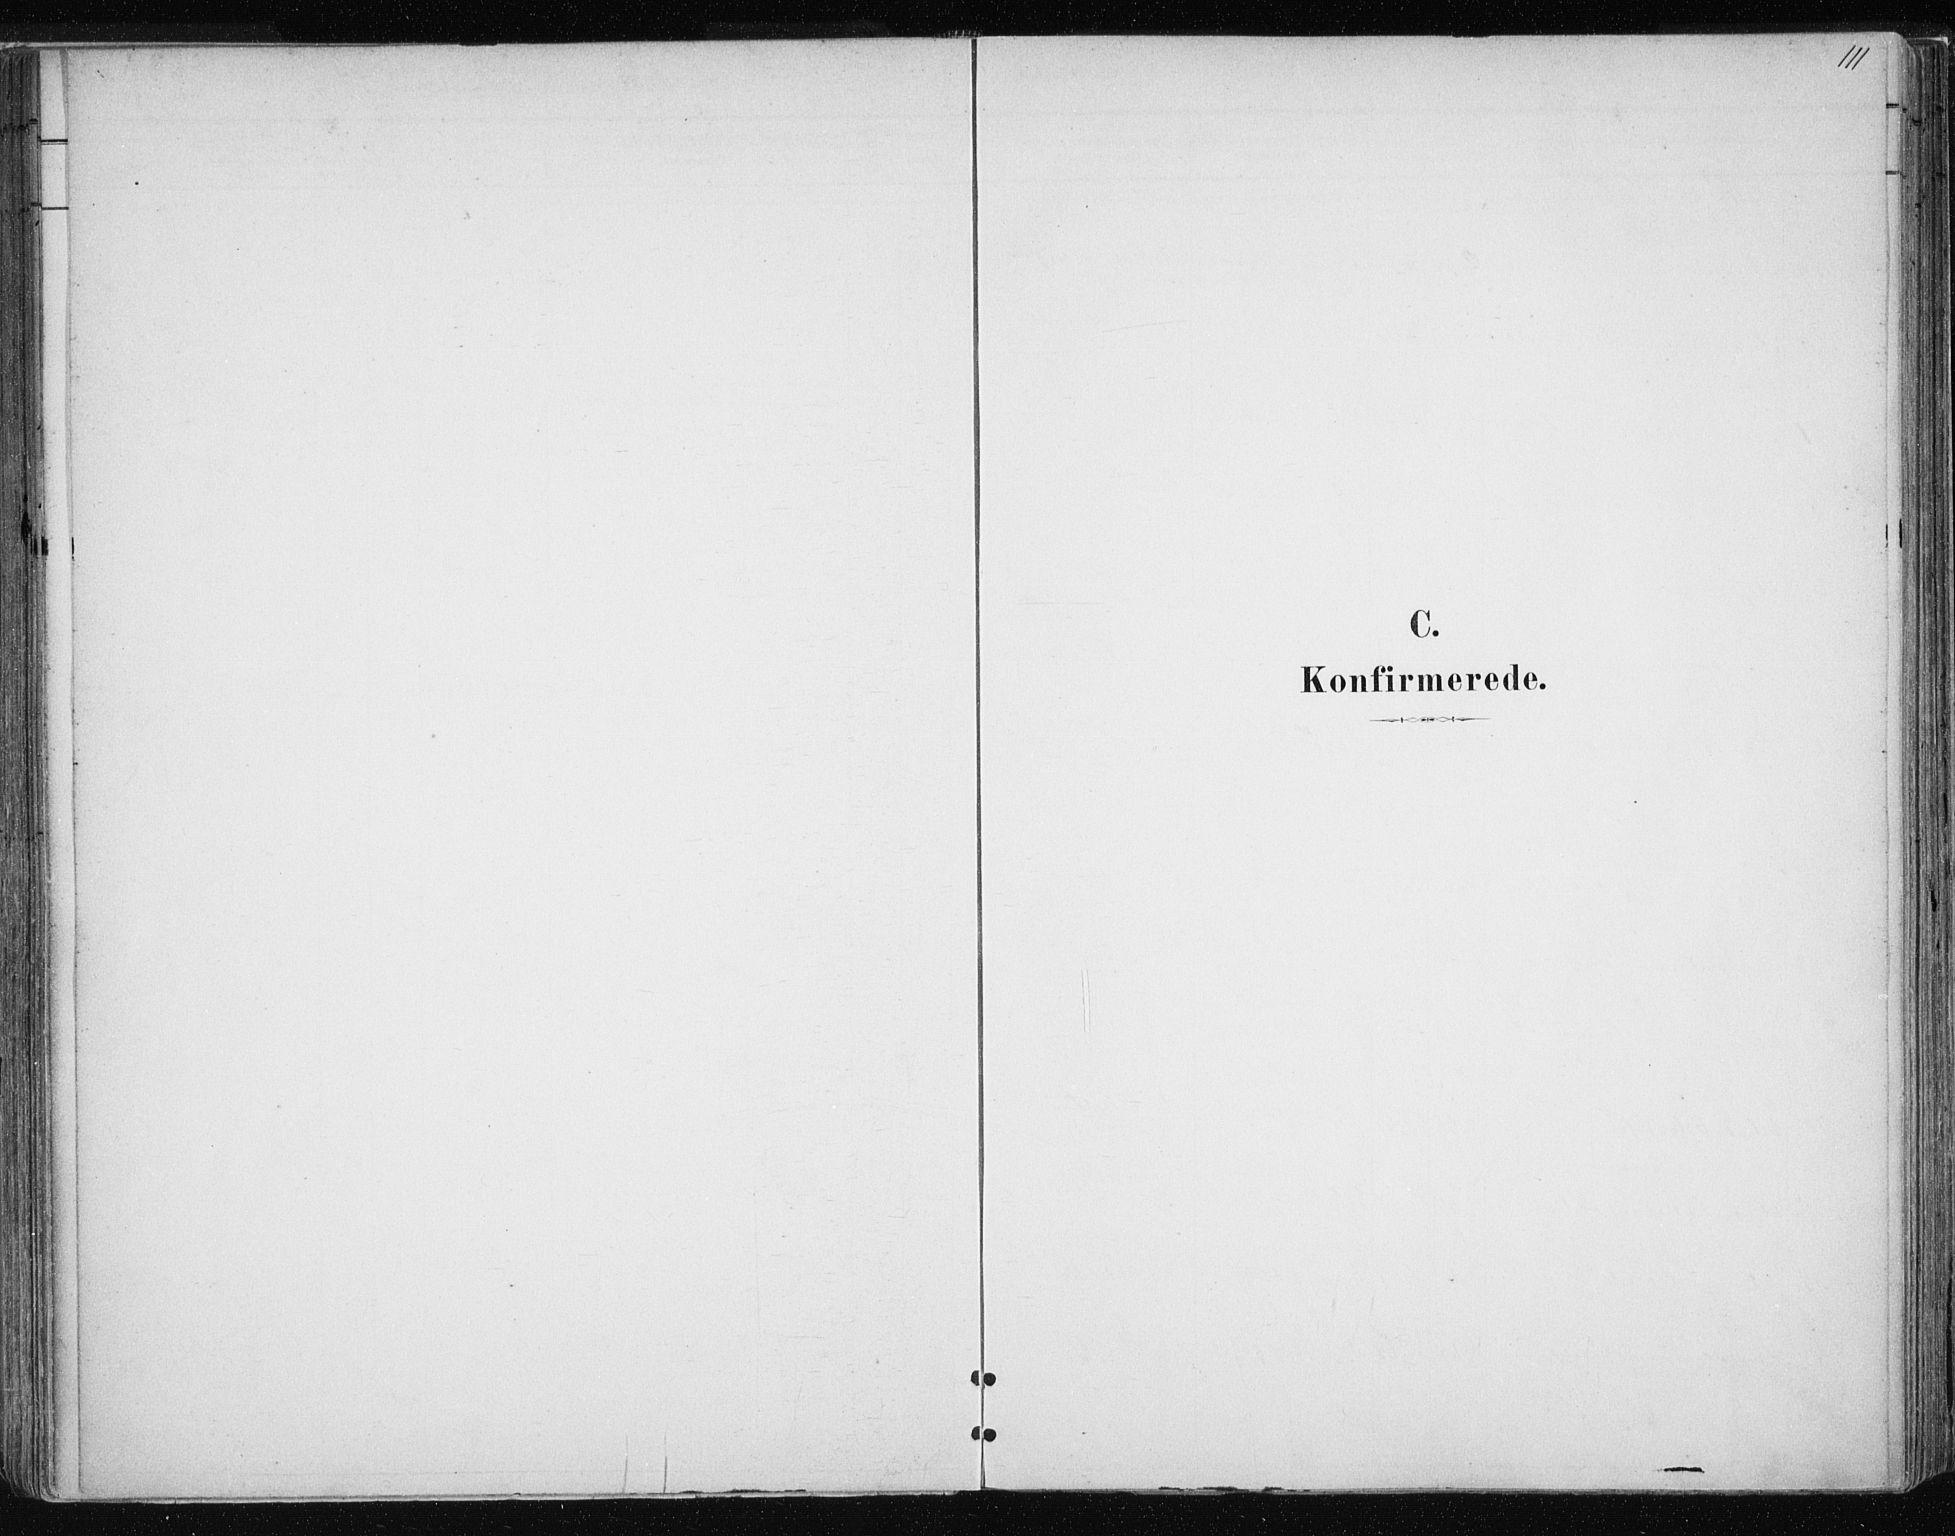 SATØ, Tromsøysund sokneprestkontor, G/Ga/L0004kirke: Ministerialbok nr. 4, 1880-1888, s. 111